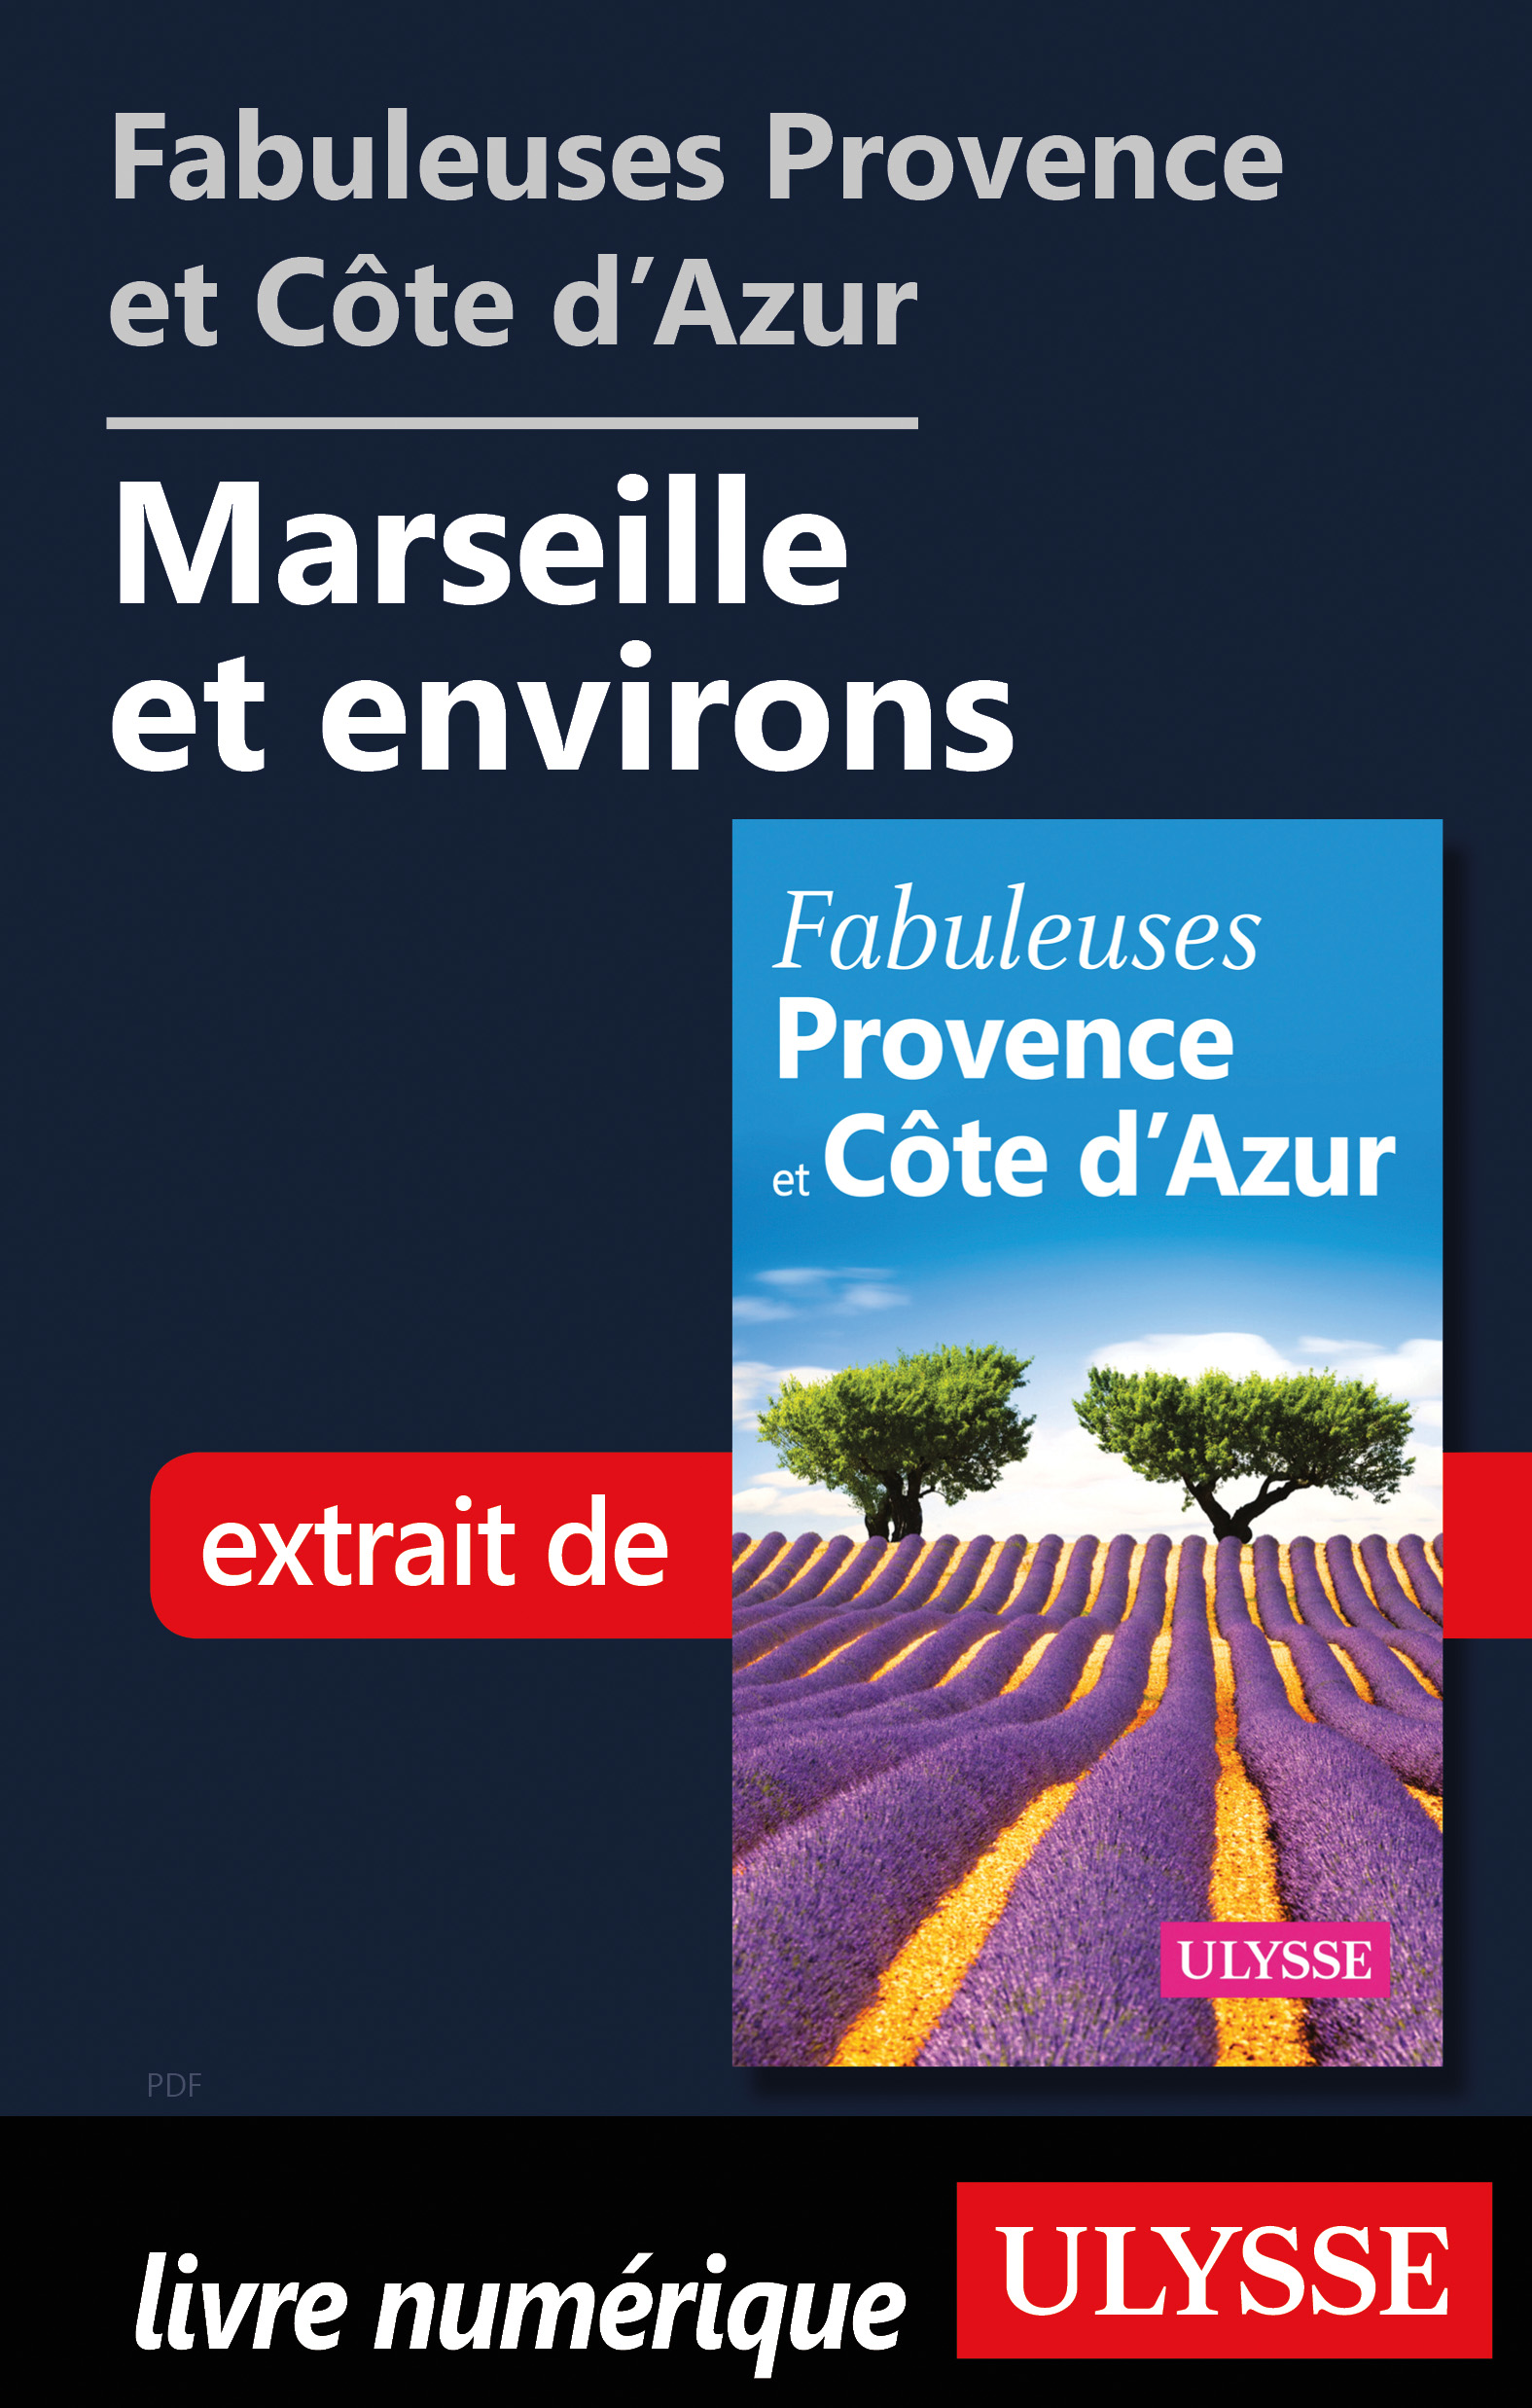 Fabuleuses Provence et Côte d'Azur: Marseille et environs